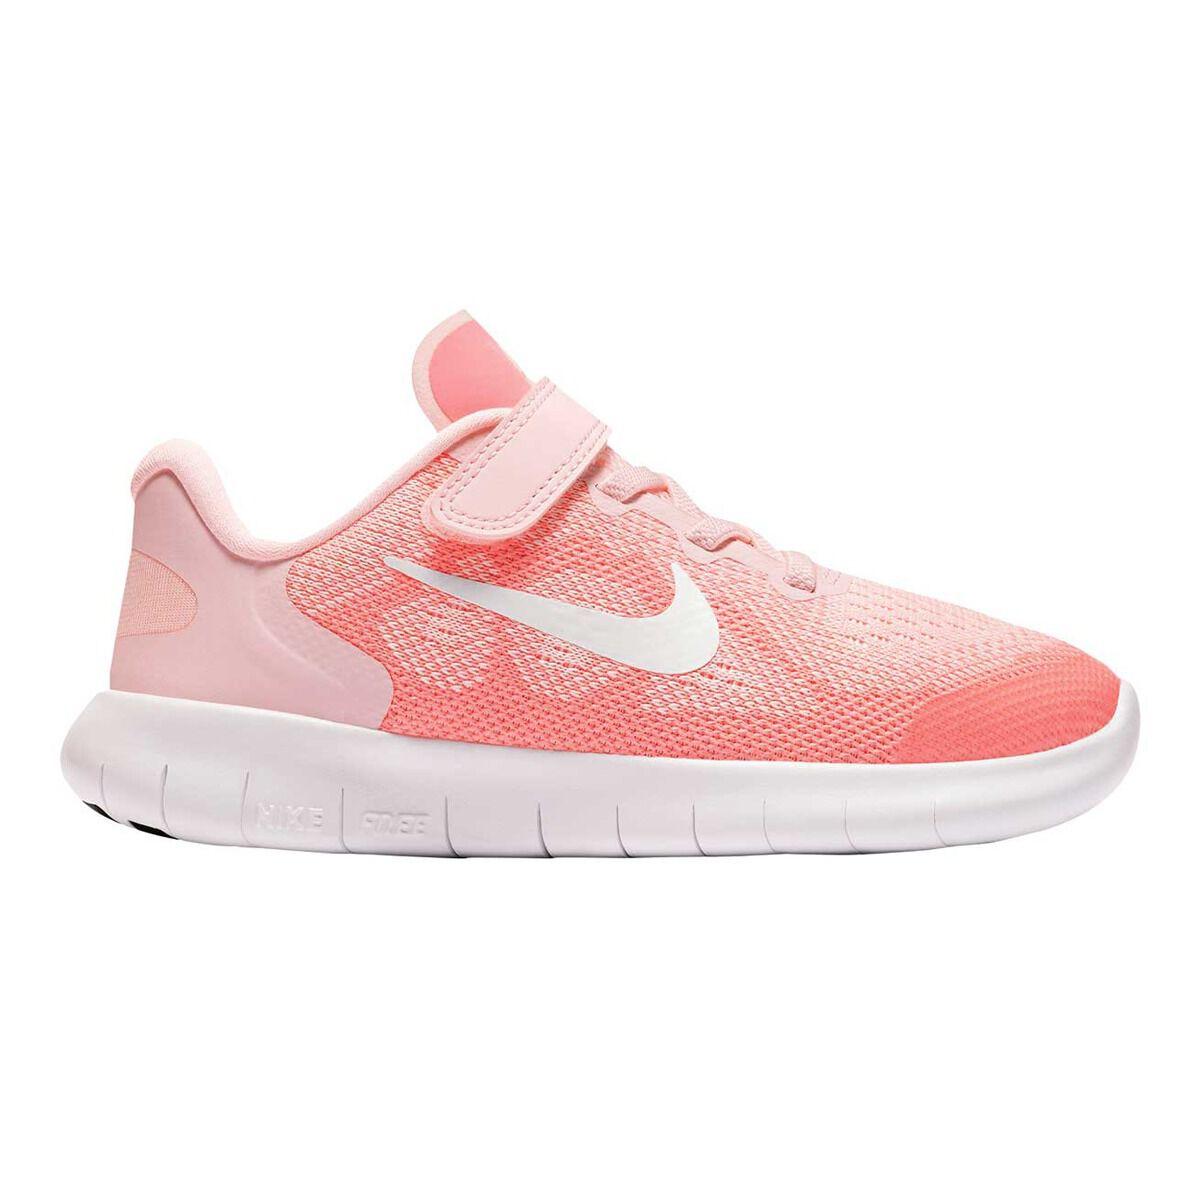 official photos 22bca 68fbb italy nike free run 2017 junior girls running shoe pink white us 3 pink  c5909 9471b